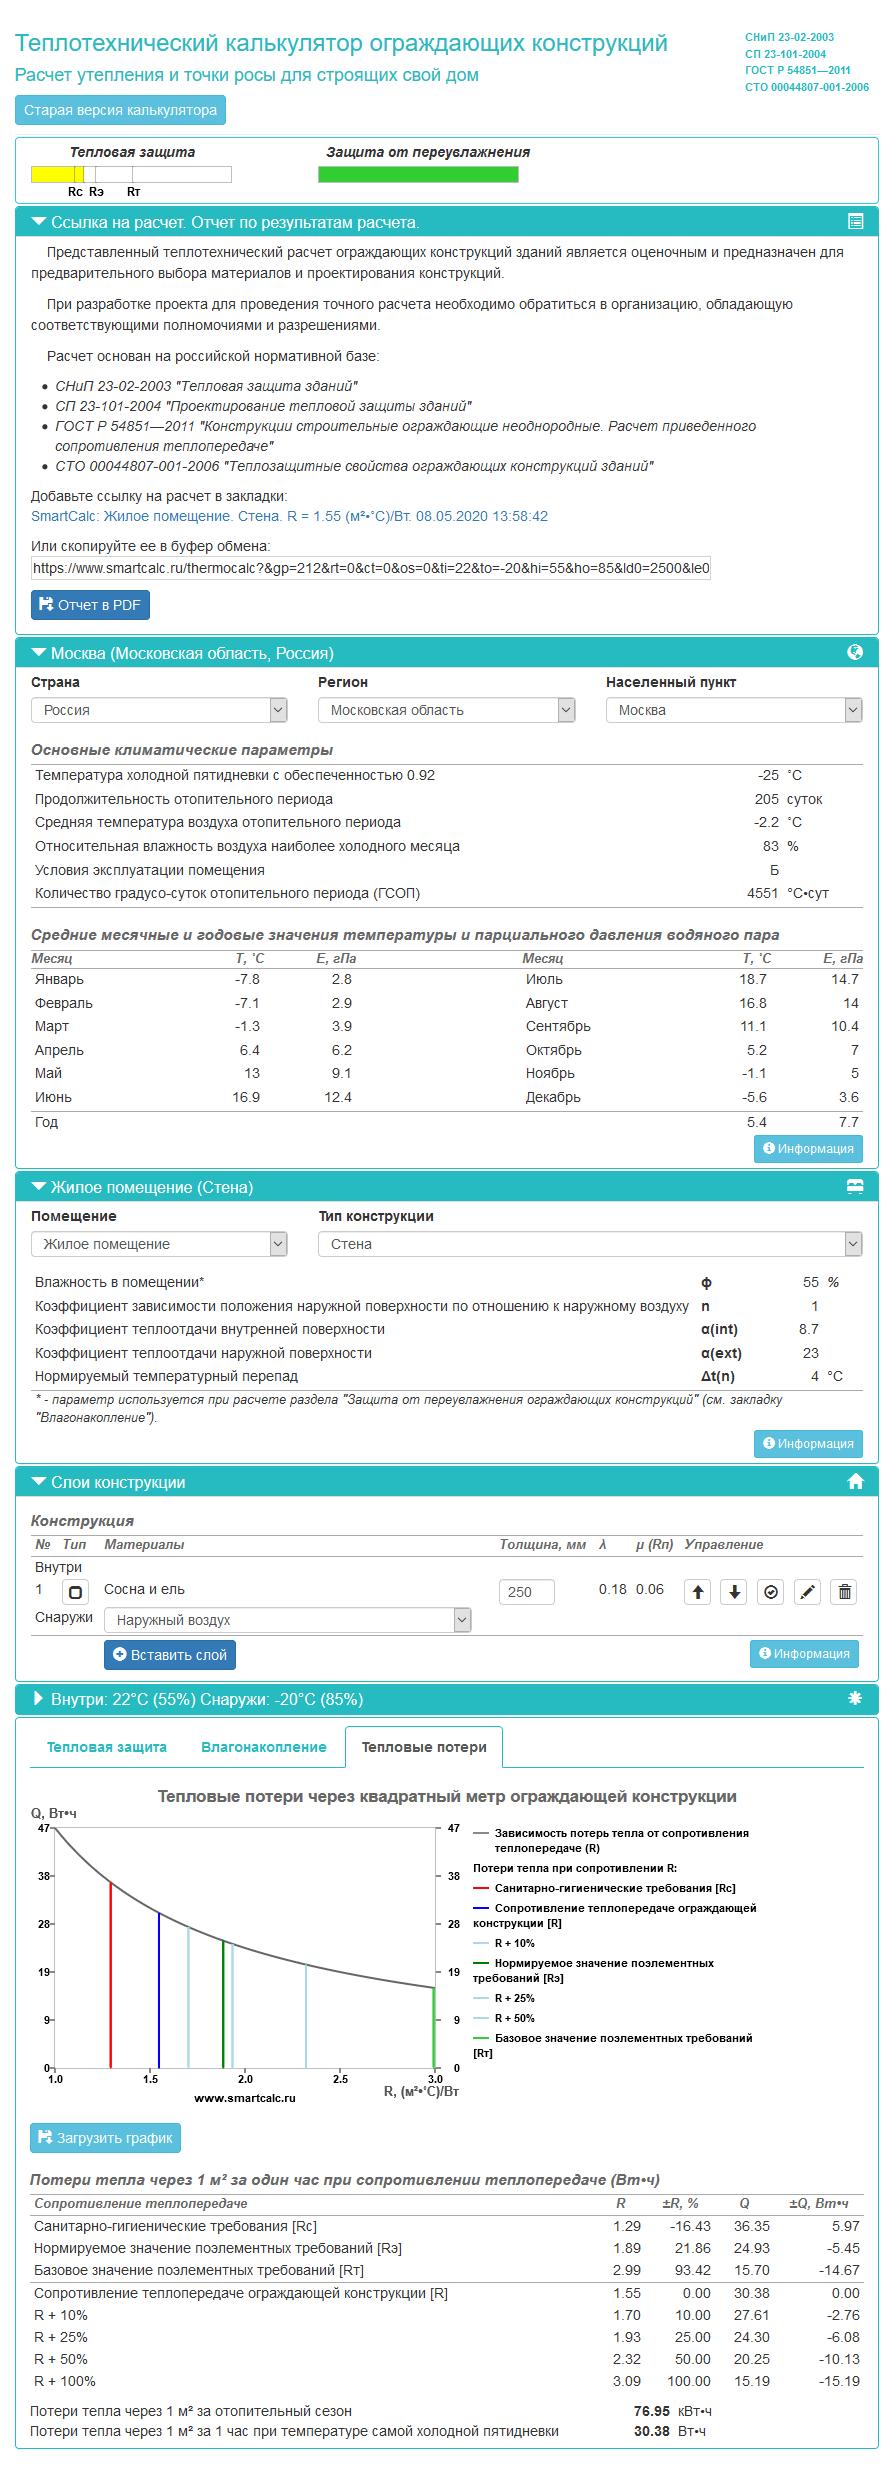 Калькулятор выглядит очень сложным, но вводить данных нужно не очень много — остальное вычисляется автоматически и выводится длясправки